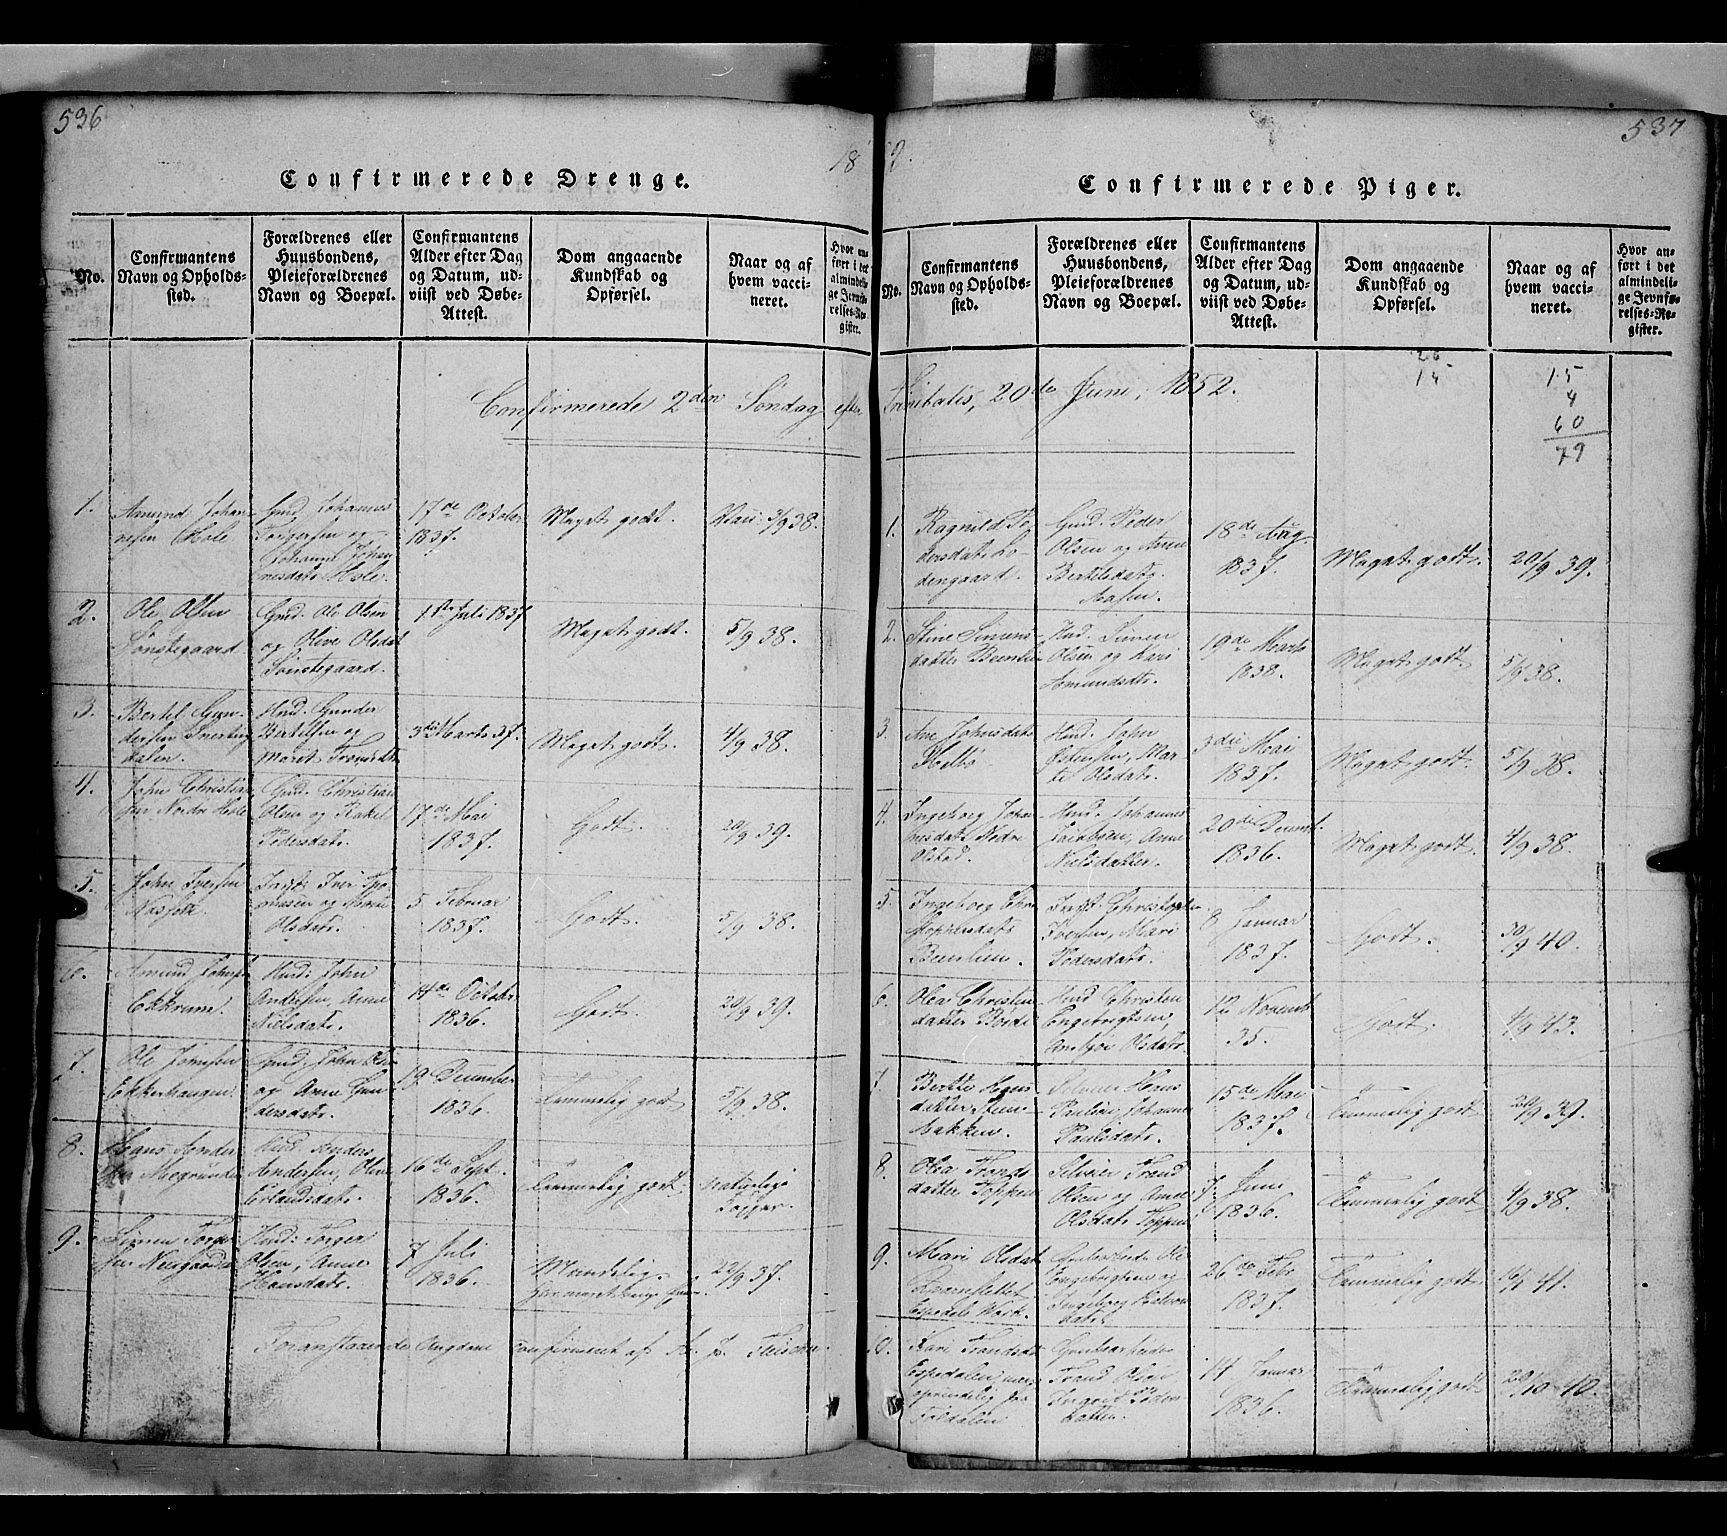 SAH, Gausdal prestekontor, Klokkerbok nr. 2, 1818-1874, s. 536-537